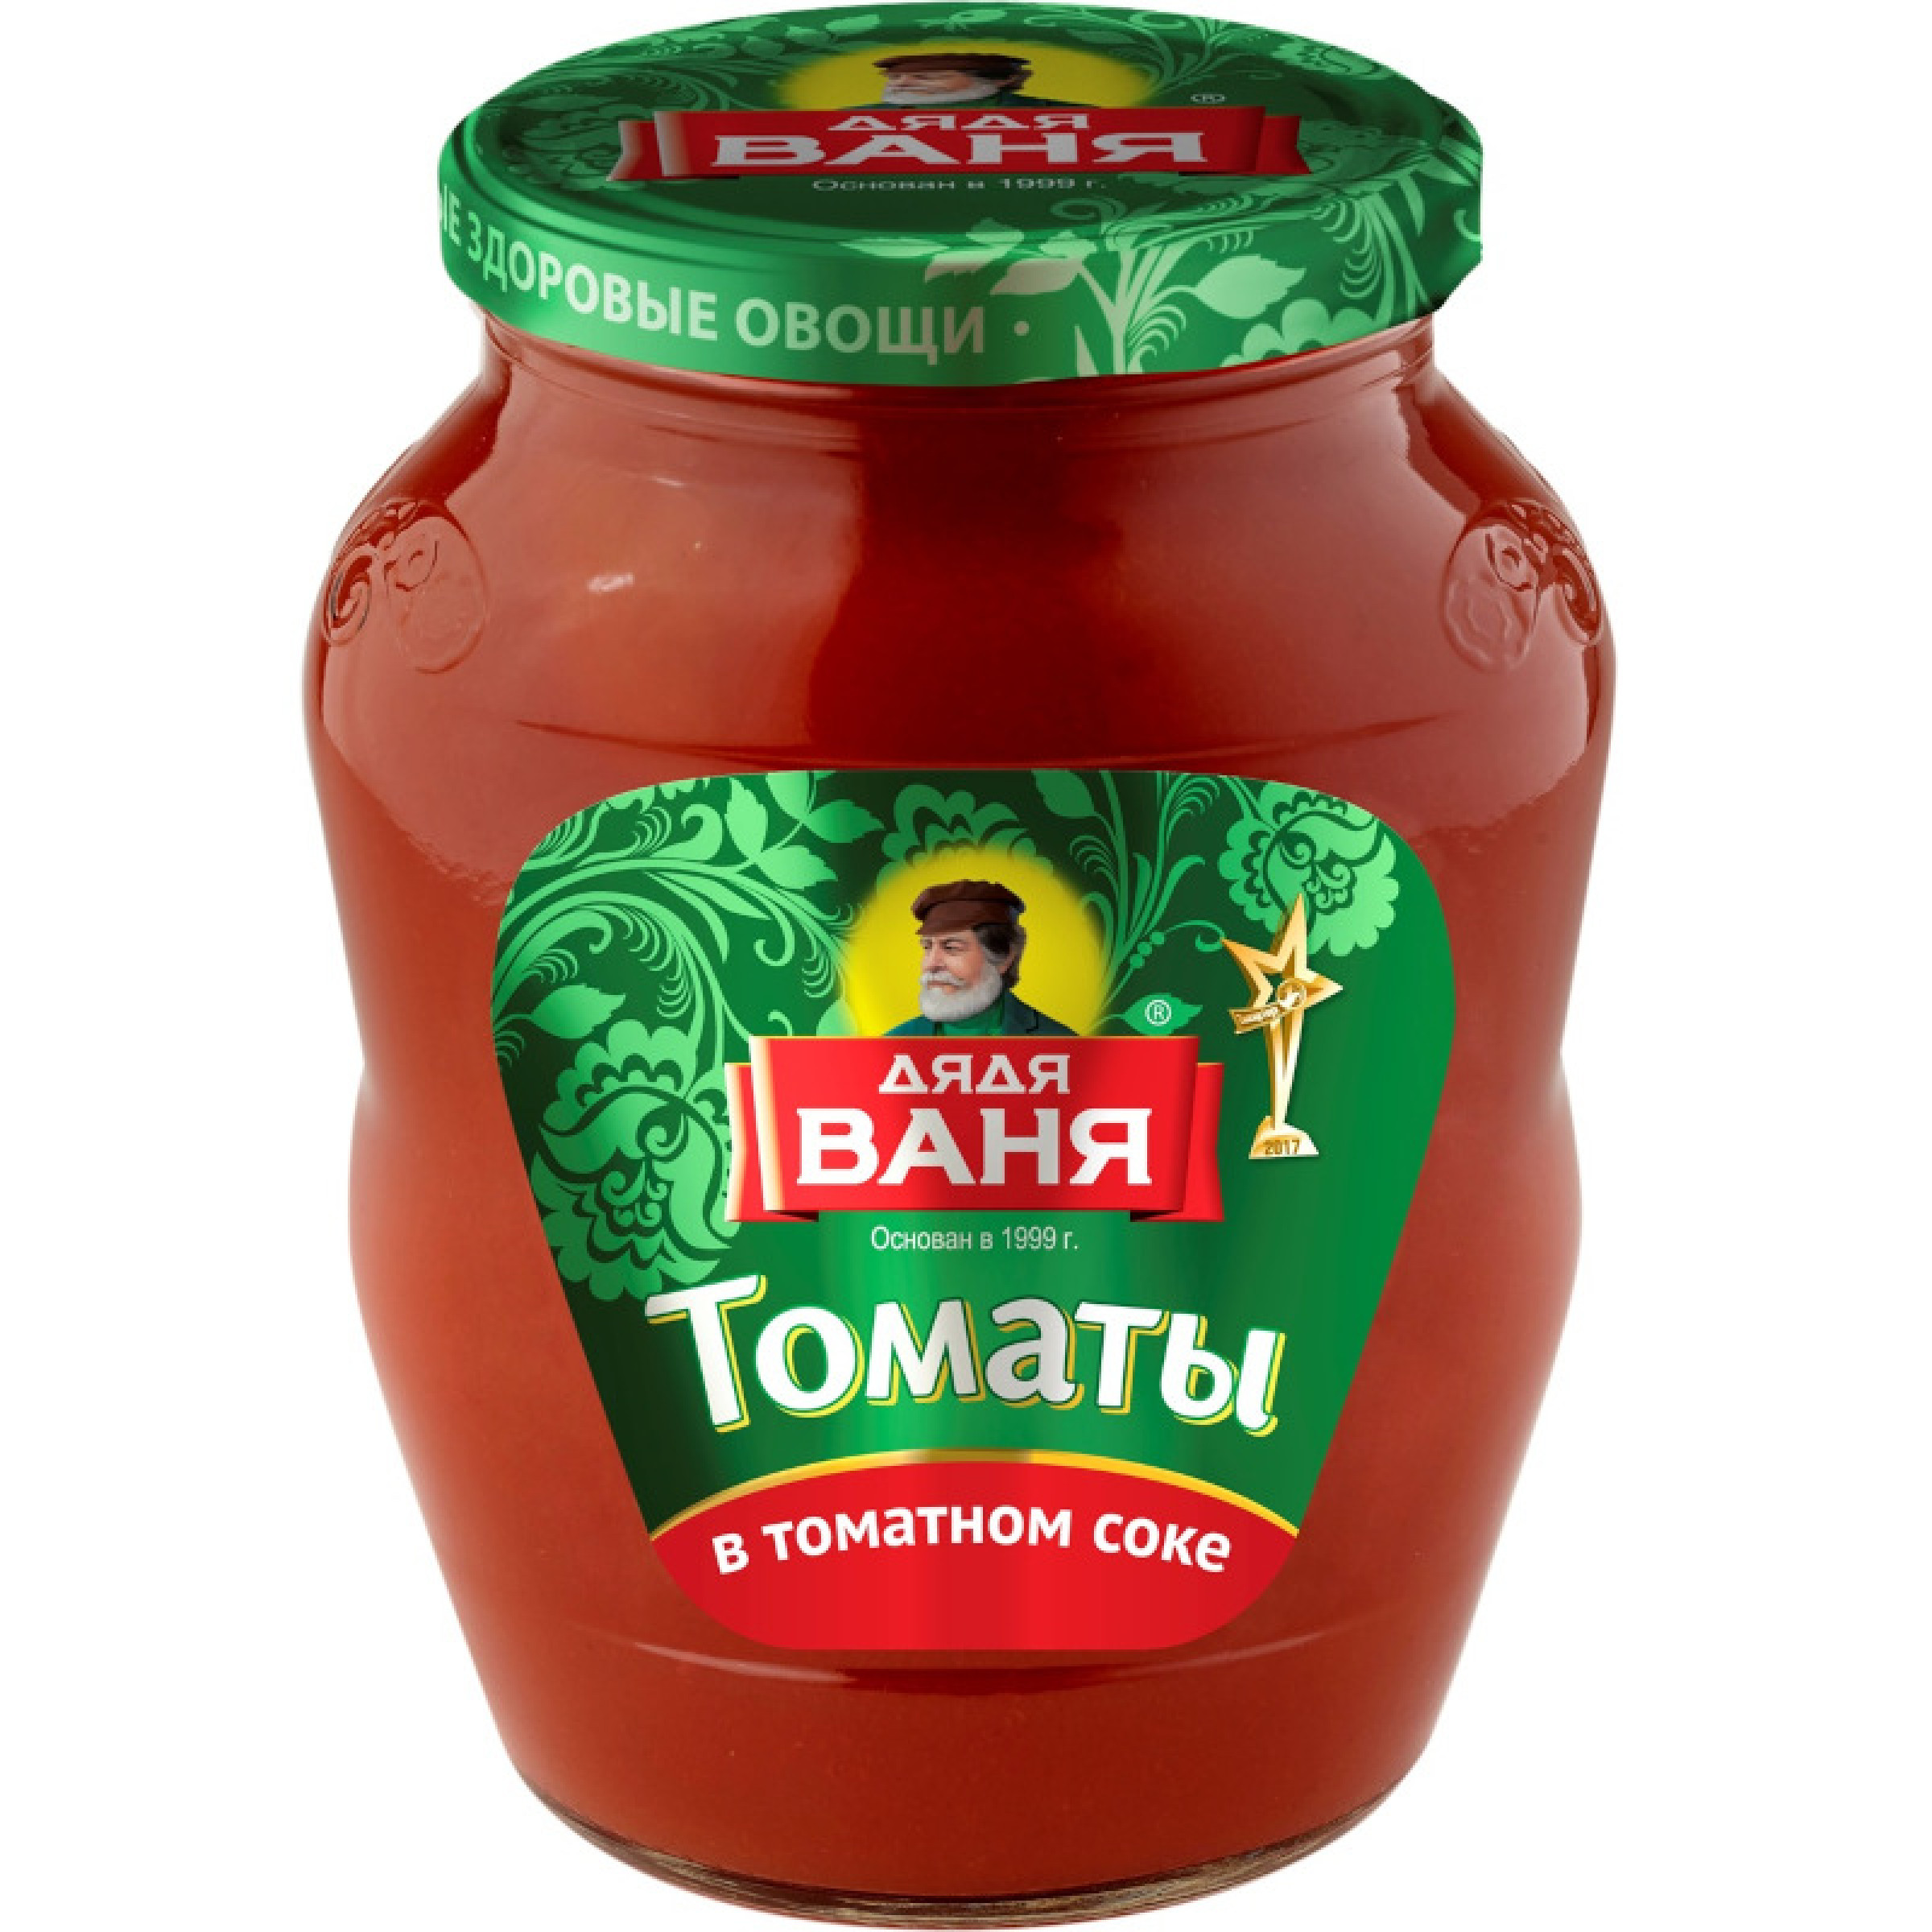 Томаты в томатном соке неочищенные Дядя Ваня, 680гр